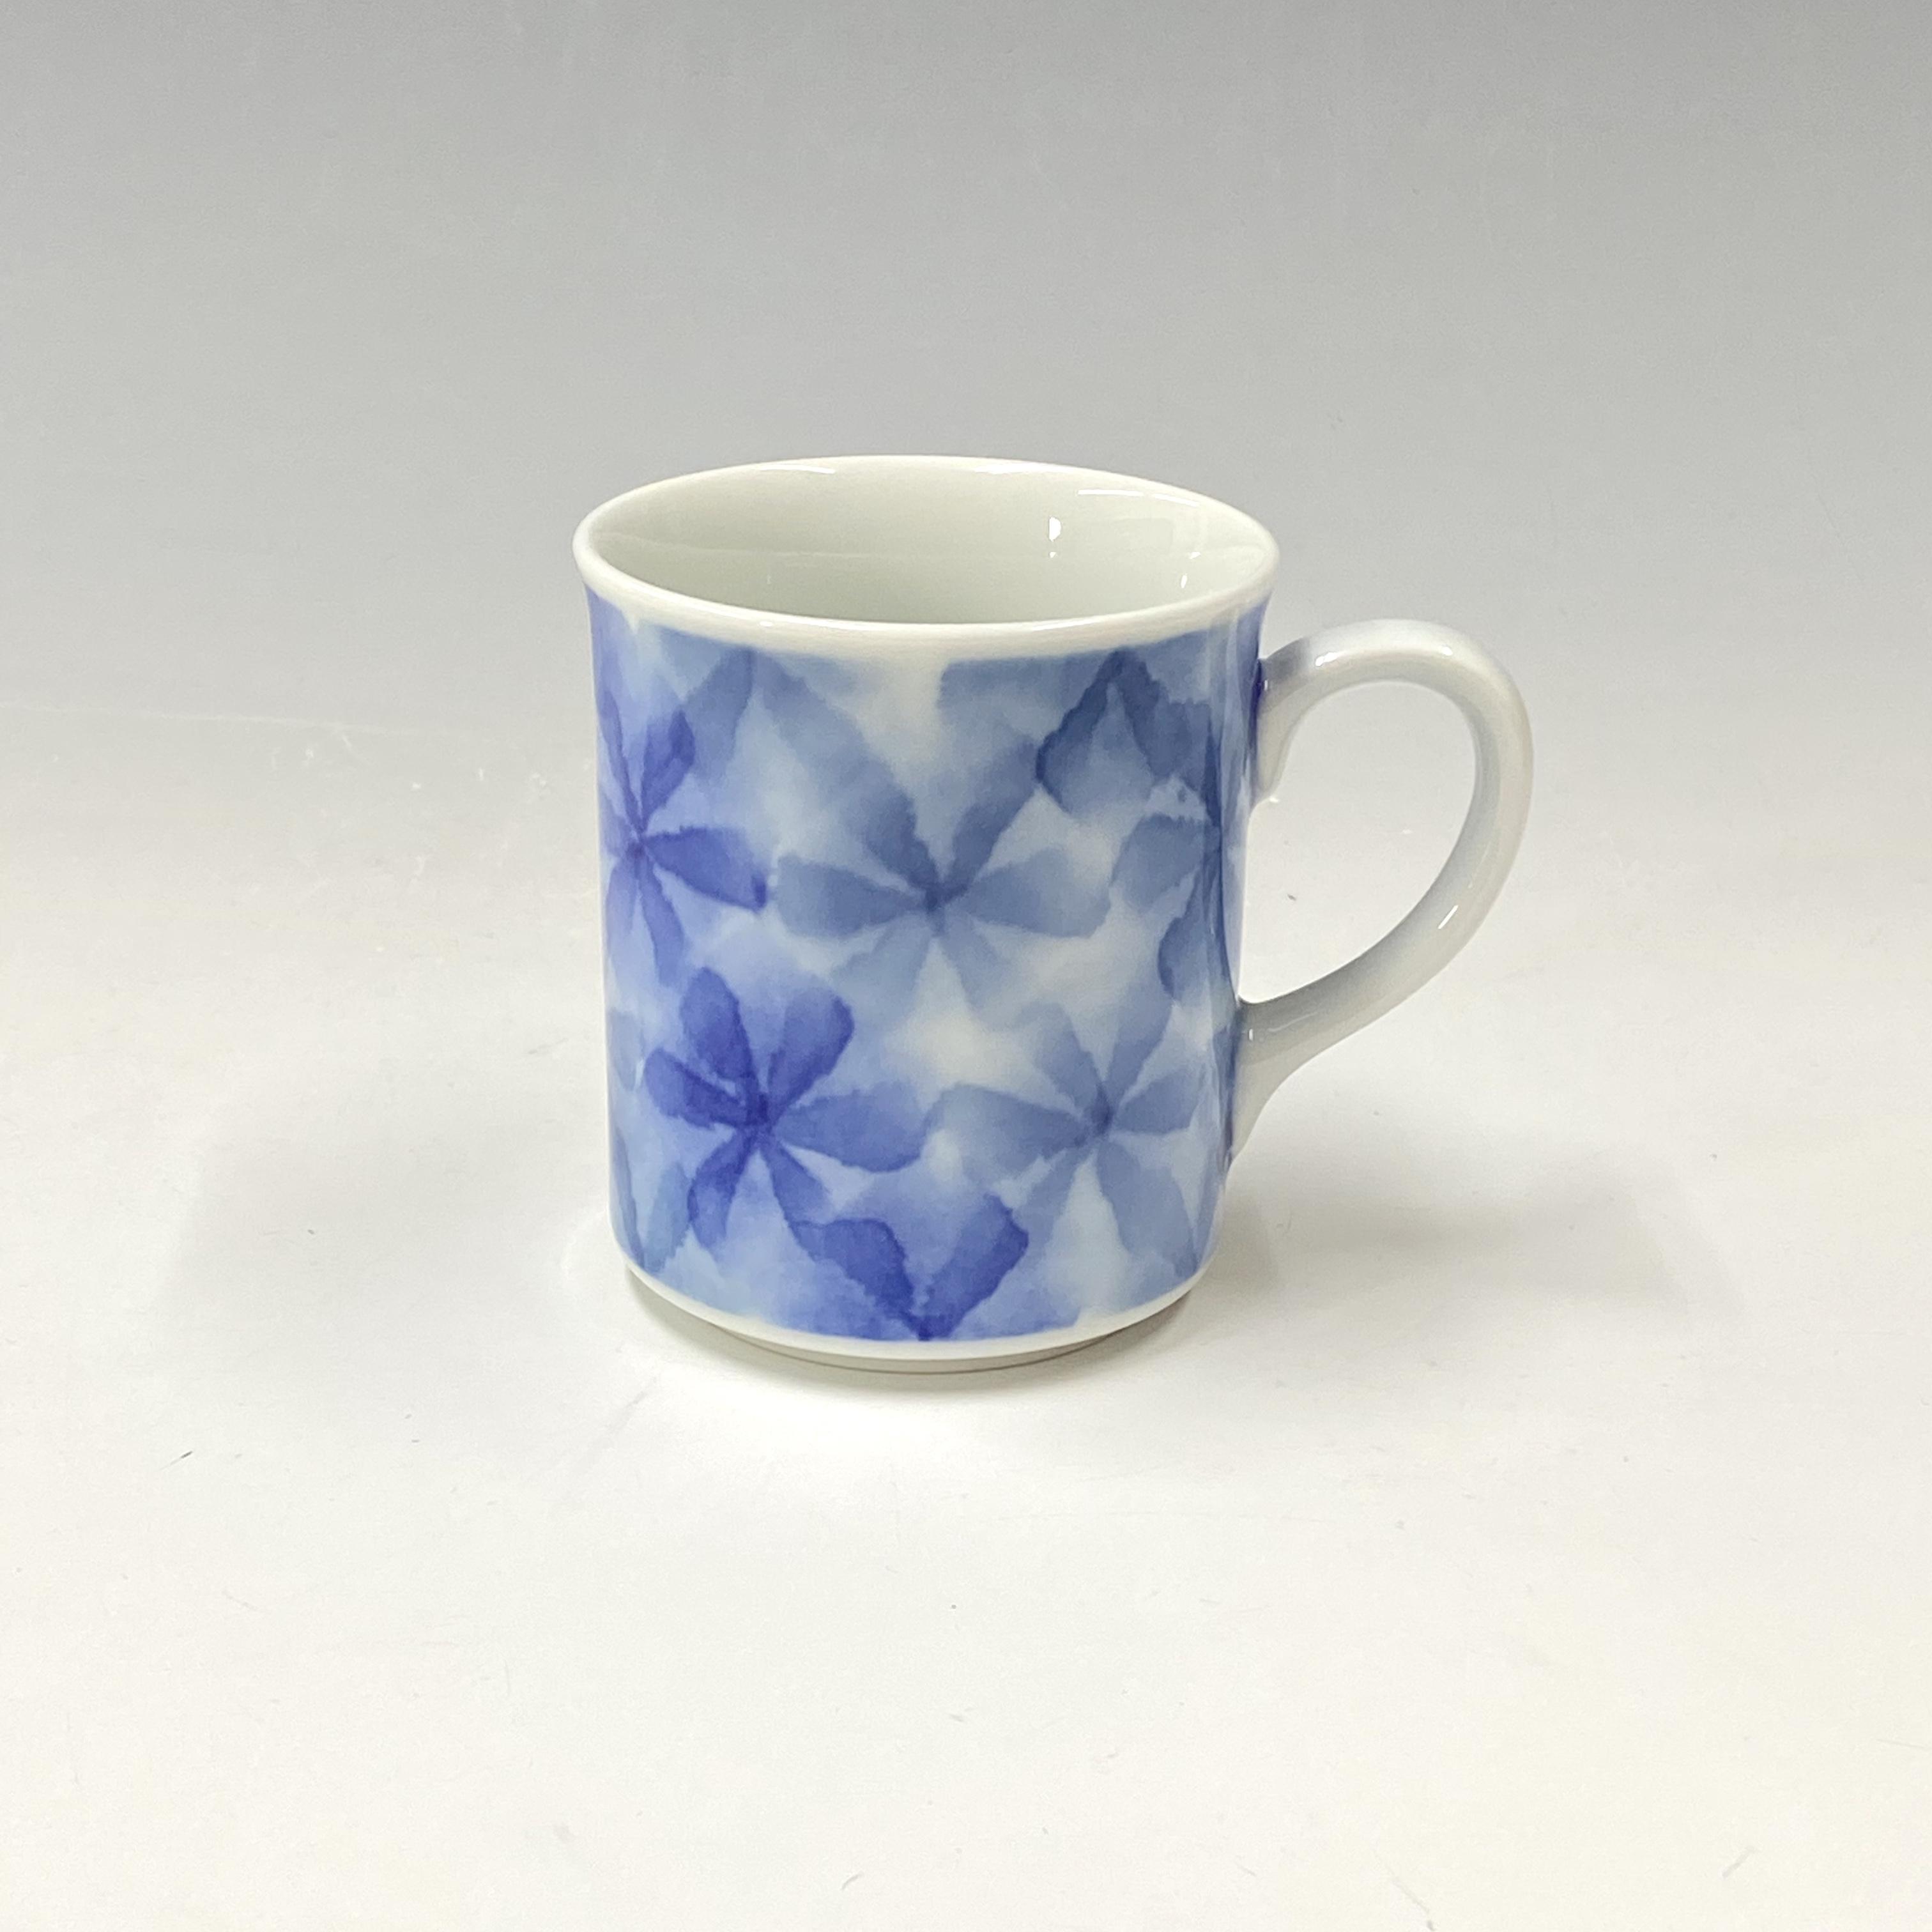 【中尾英純】和紙染ちぎり花文マグカップ